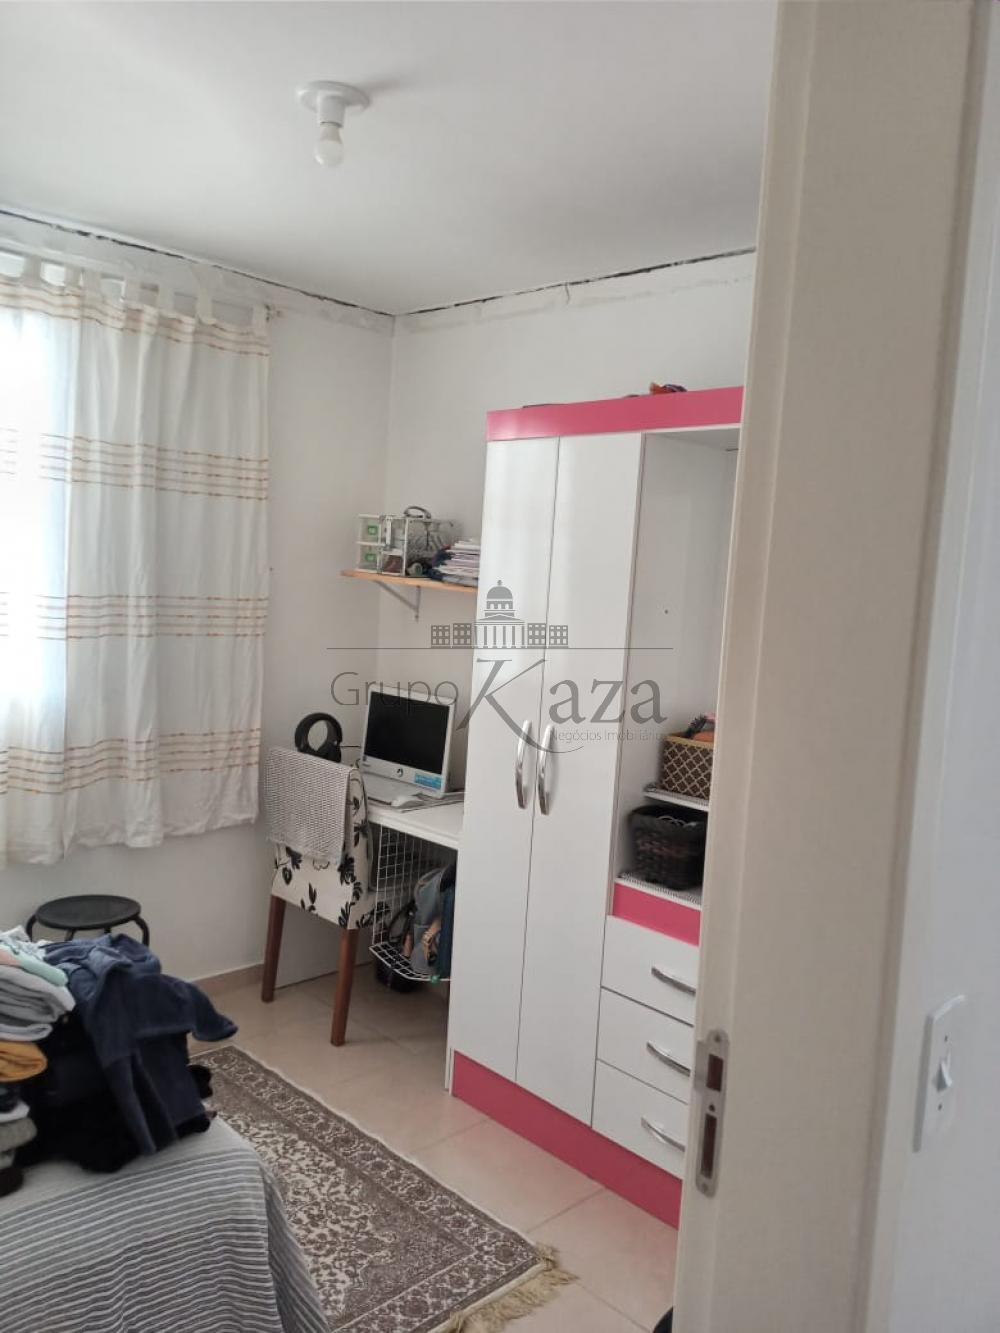 alt='Comprar Apartamento / Cobertura Duplex em São José dos Campos R$ 372.000,00 - Foto 10' title='Comprar Apartamento / Cobertura Duplex em São José dos Campos R$ 372.000,00 - Foto 10'